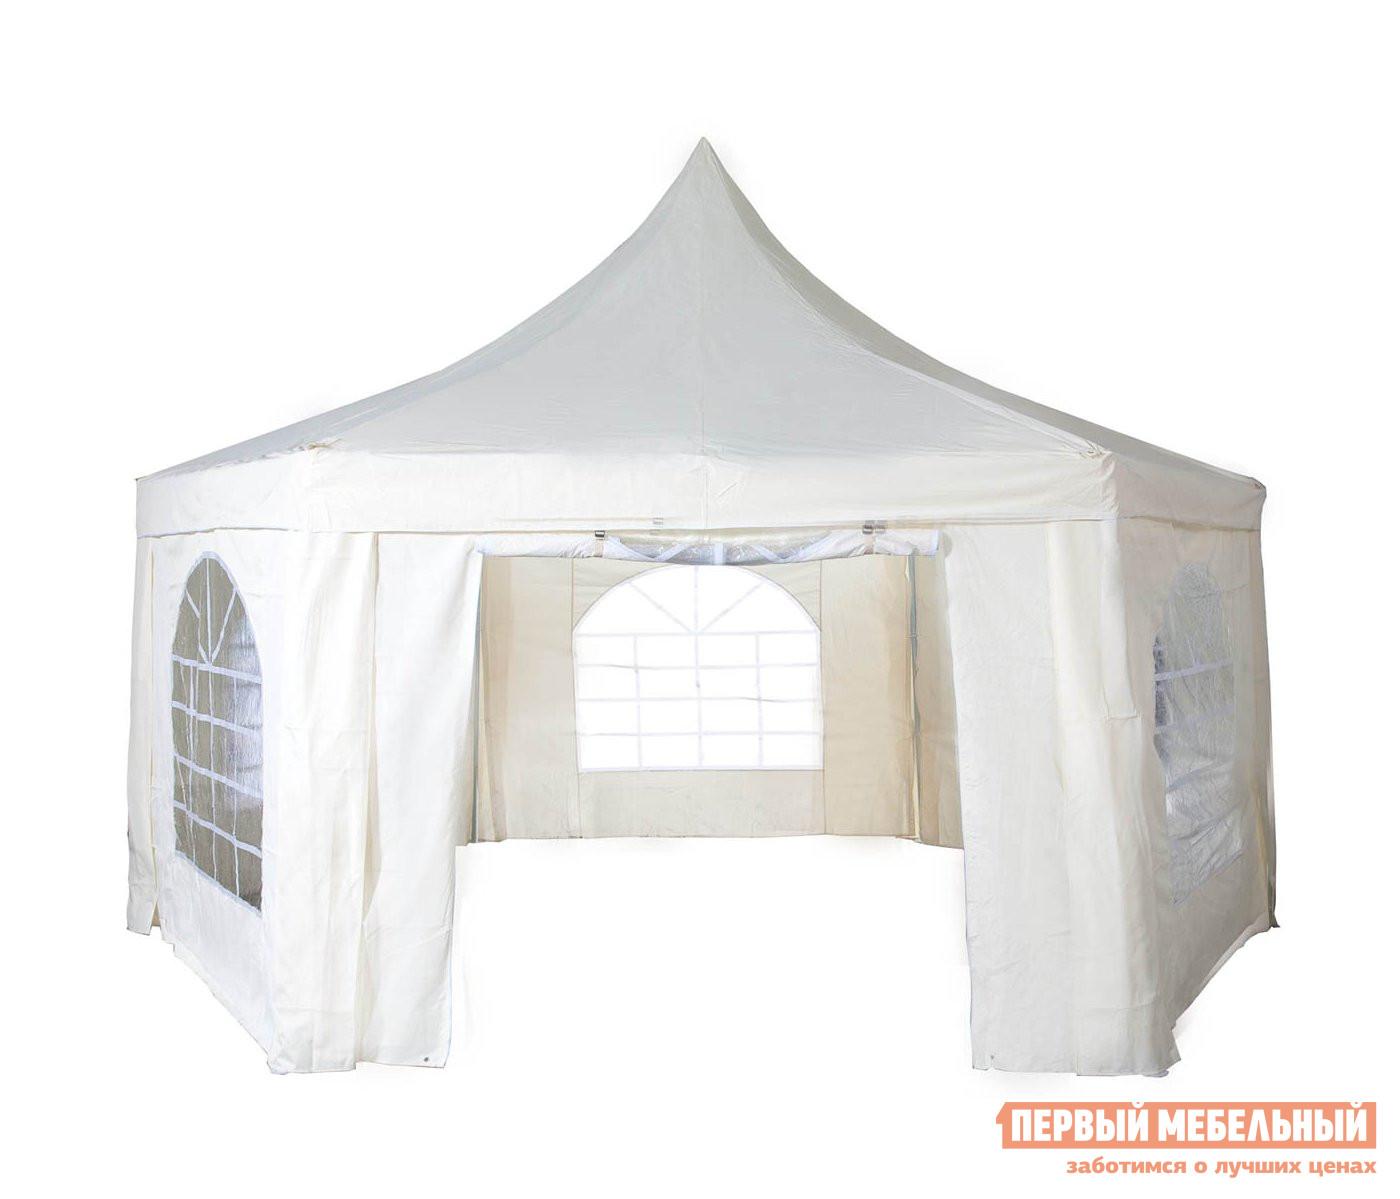 Шатер-пагода для мероприятий Лекс групп 1053 Тент садовый из полиэстера (2 кор.) садовый шатер afm 1013a